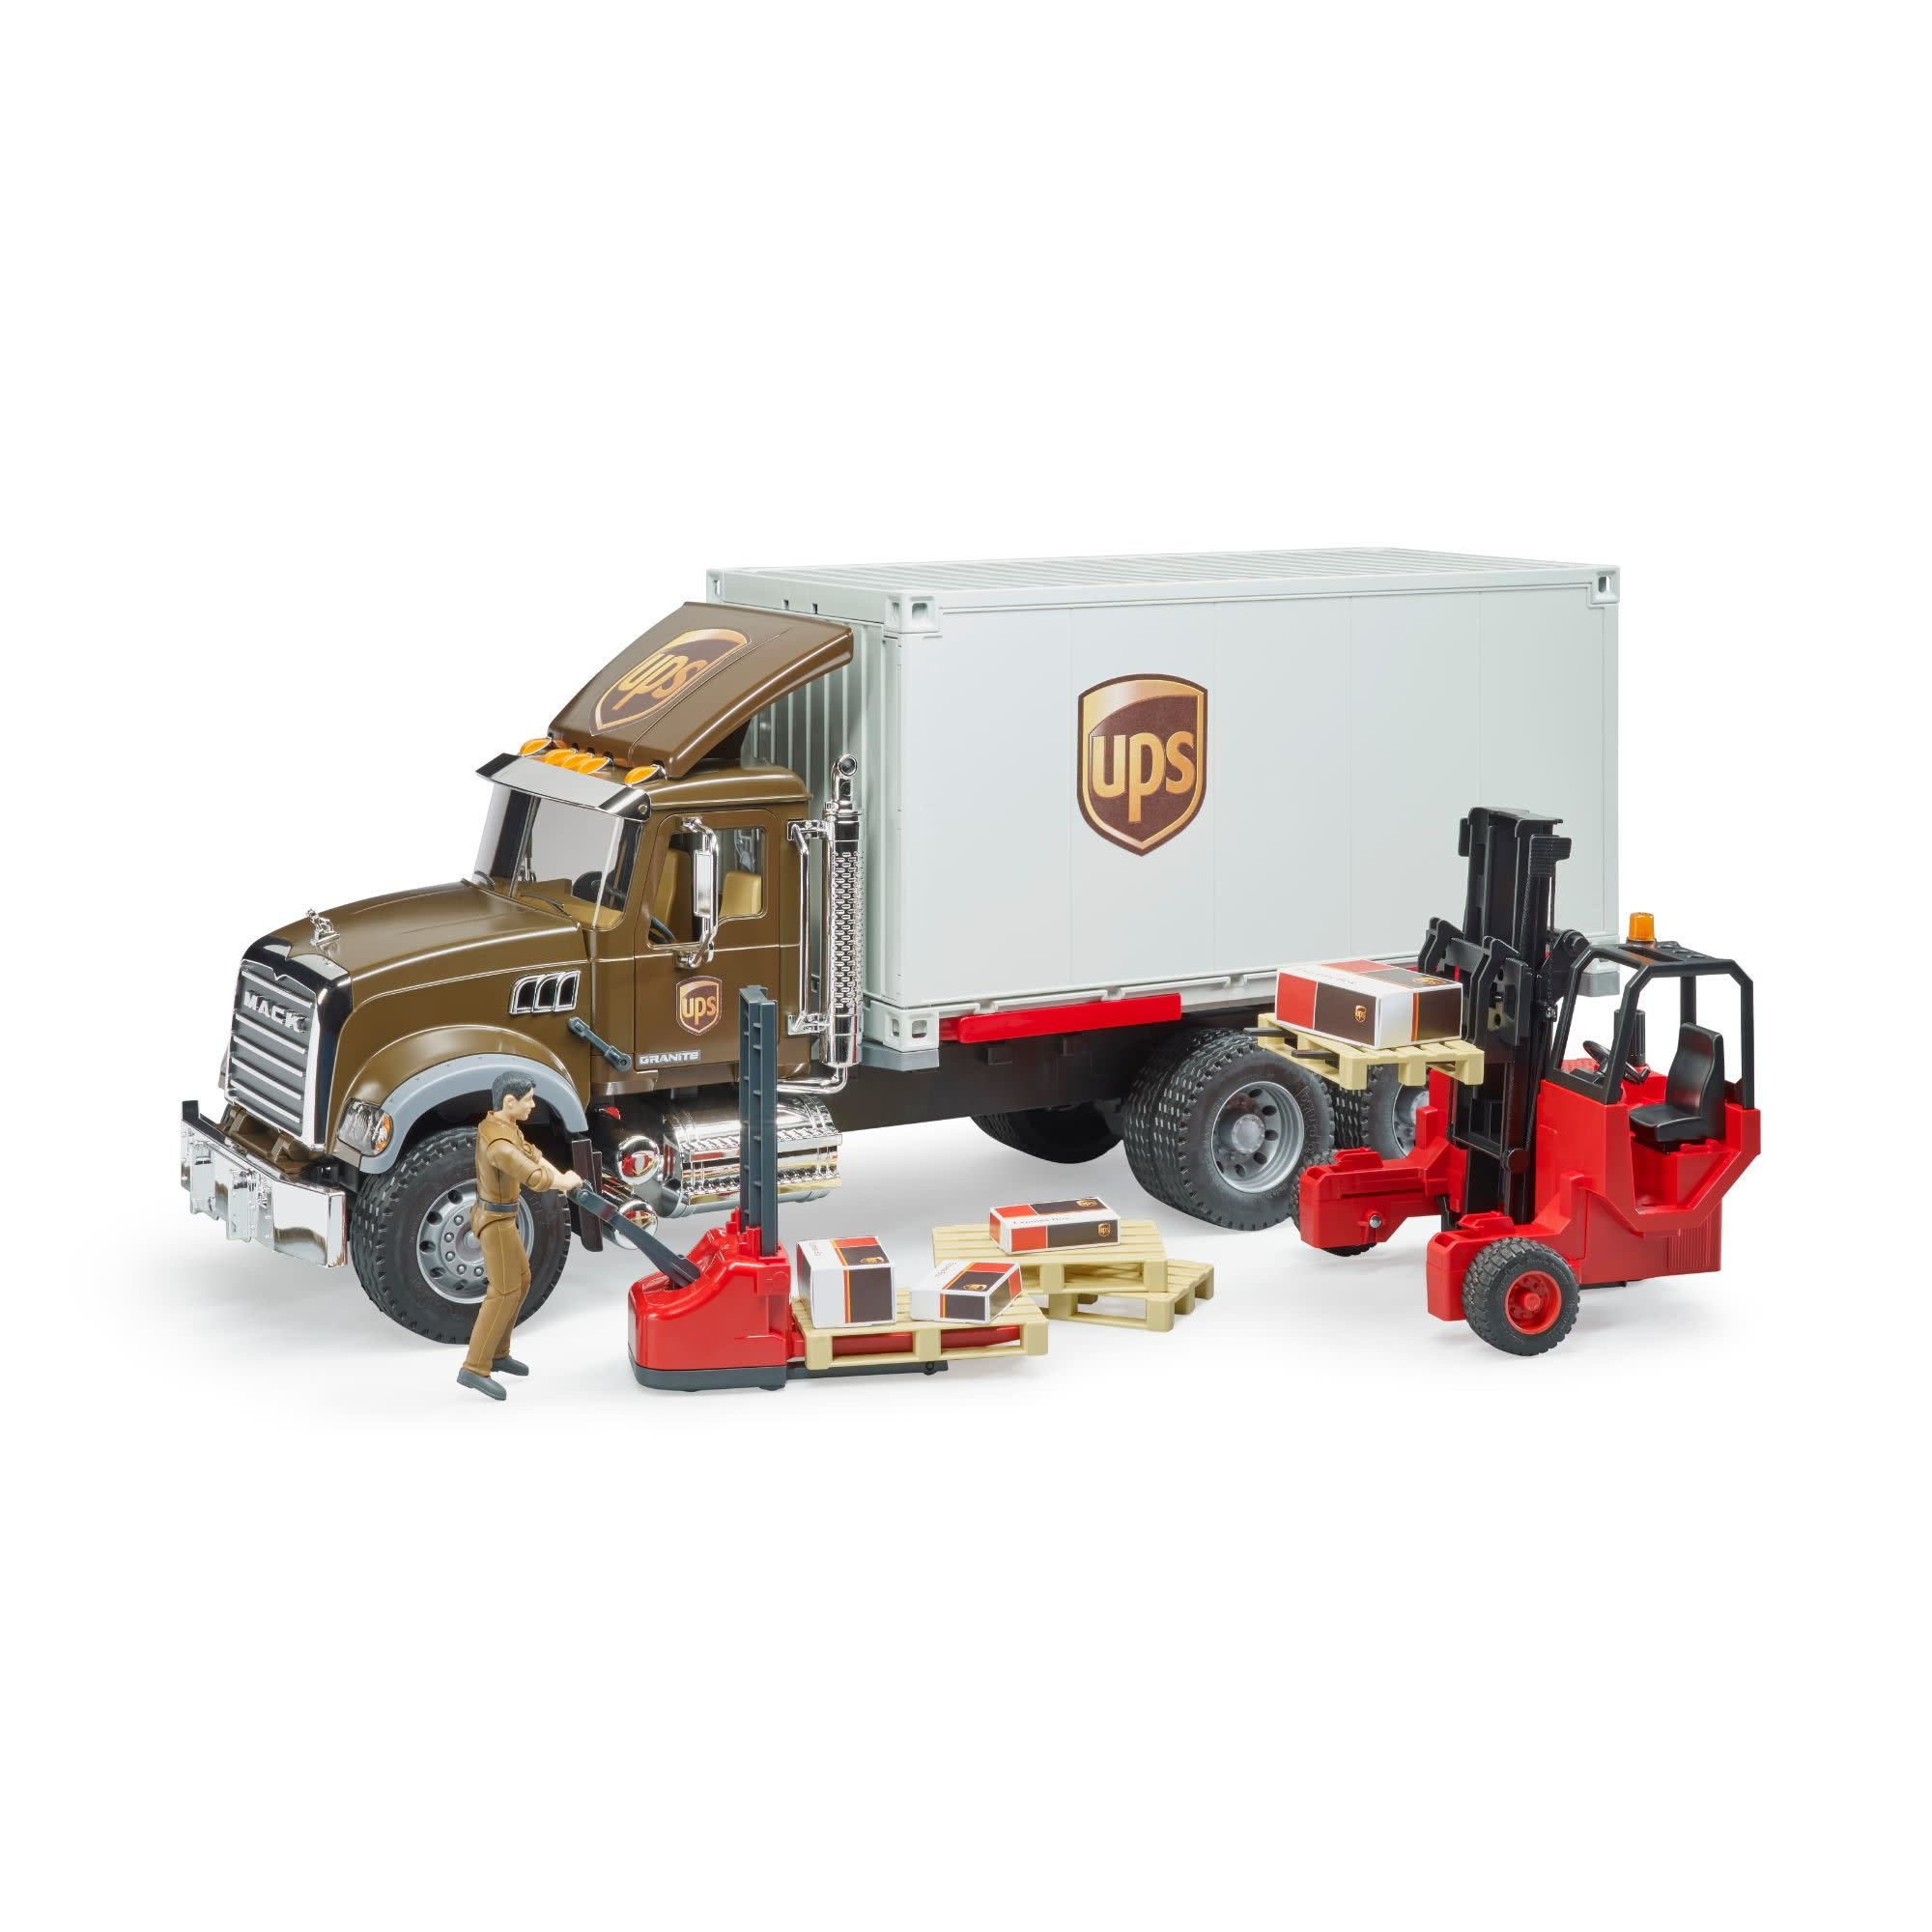 Bruder UPS Mack Logistik Truck-3